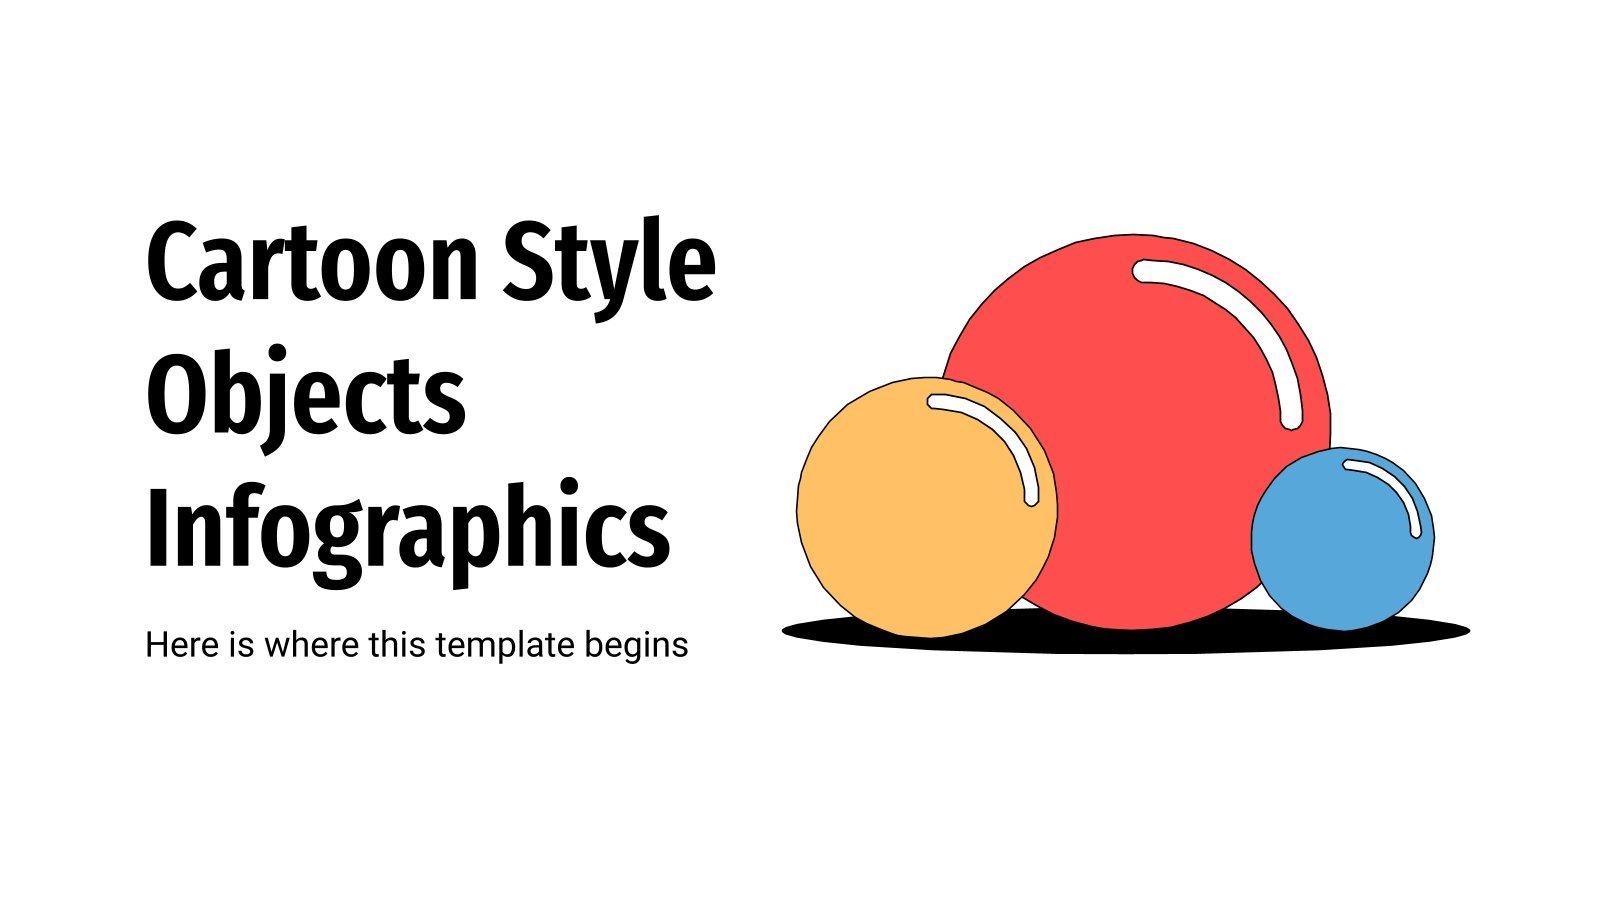 Modelo de apresentação Infográficos em estilo cartoon